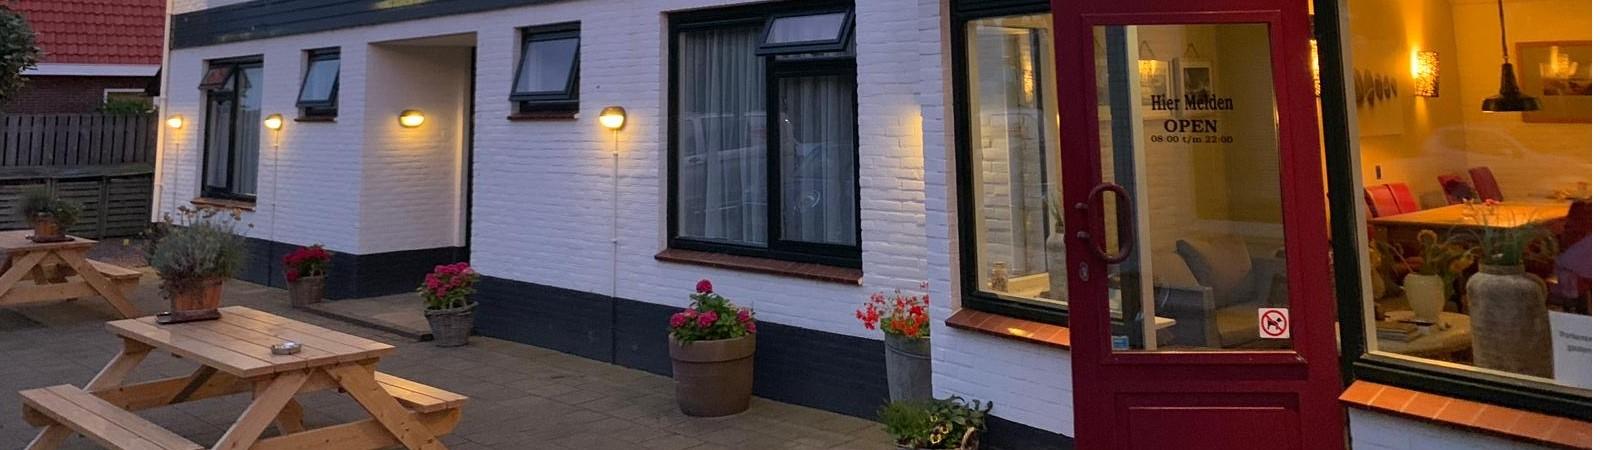 Duinhotel Texel de perfecte uitvalsbasis voor uw vakantie op Texel.